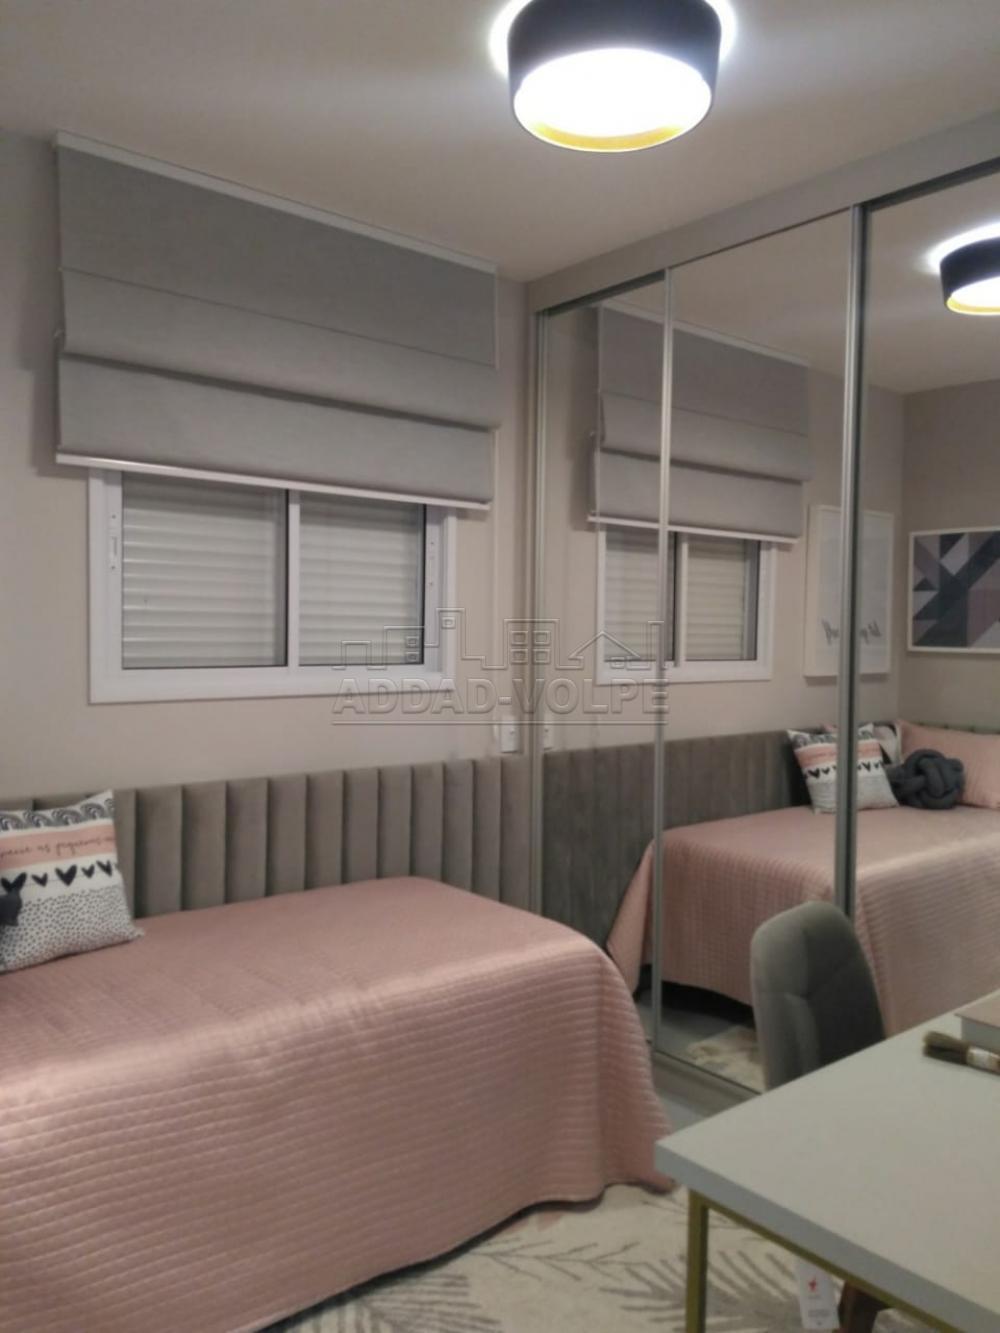 Alugar Apartamento / Padrão em Bauru R$ 1.800,00 - Foto 5